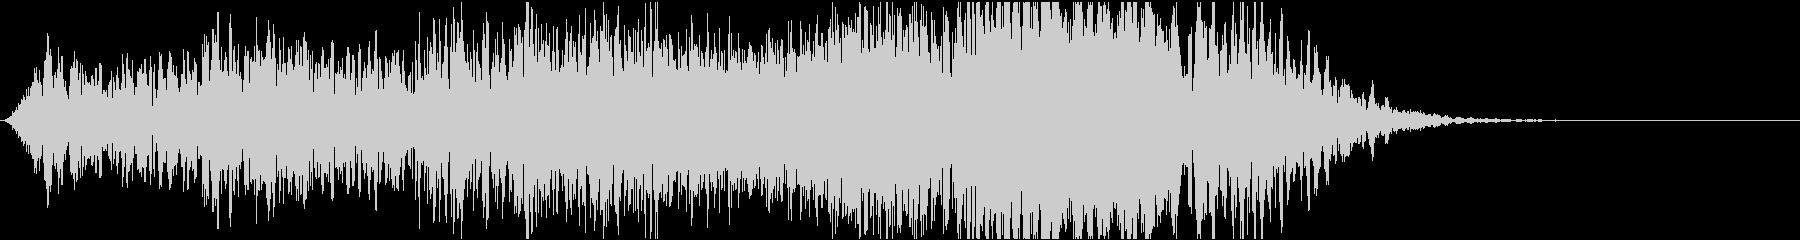 ホラー系効果音02の未再生の波形